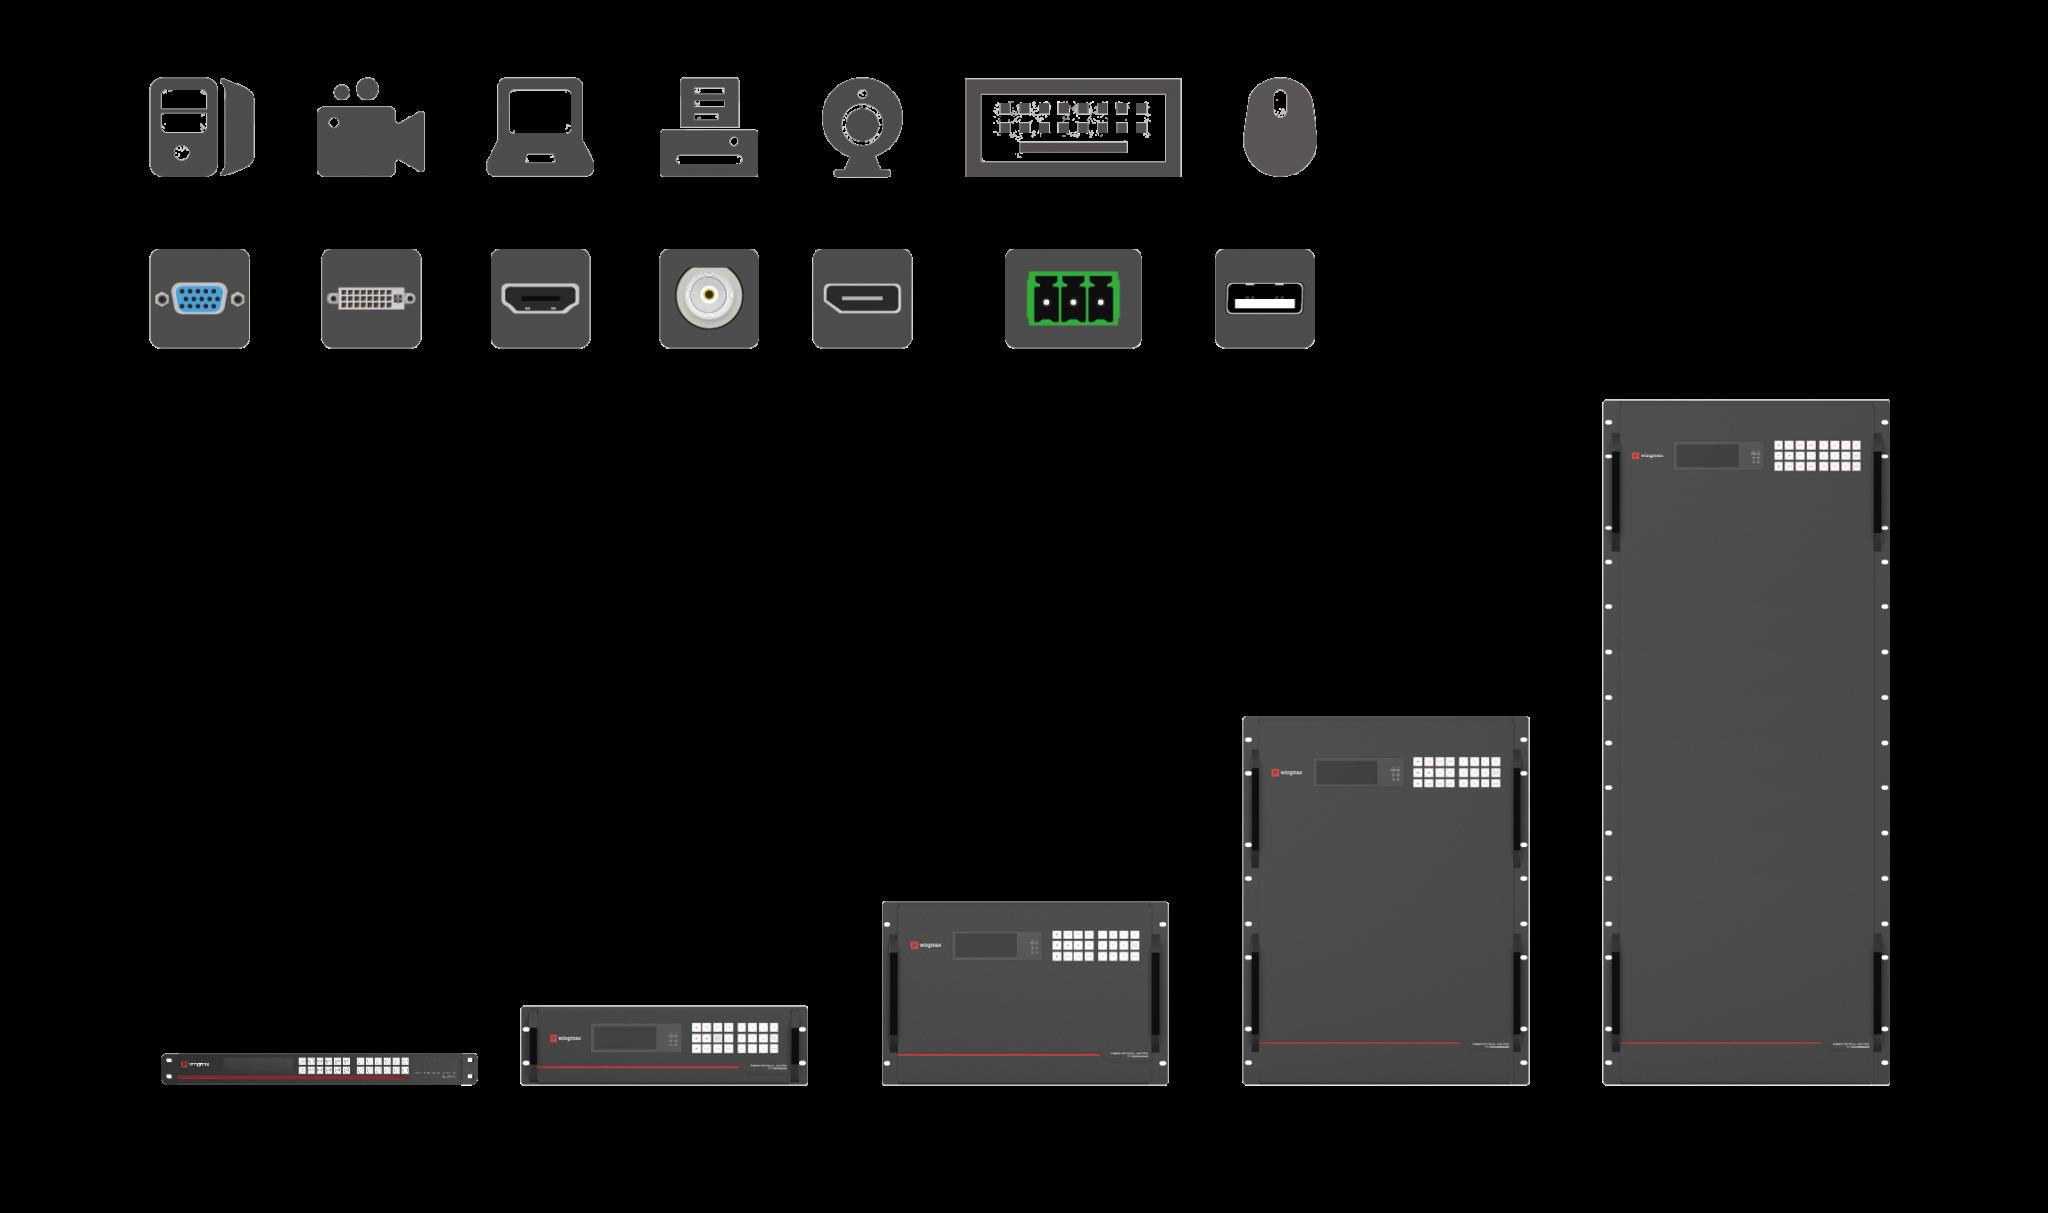 模块化设计坐席管理协作系统